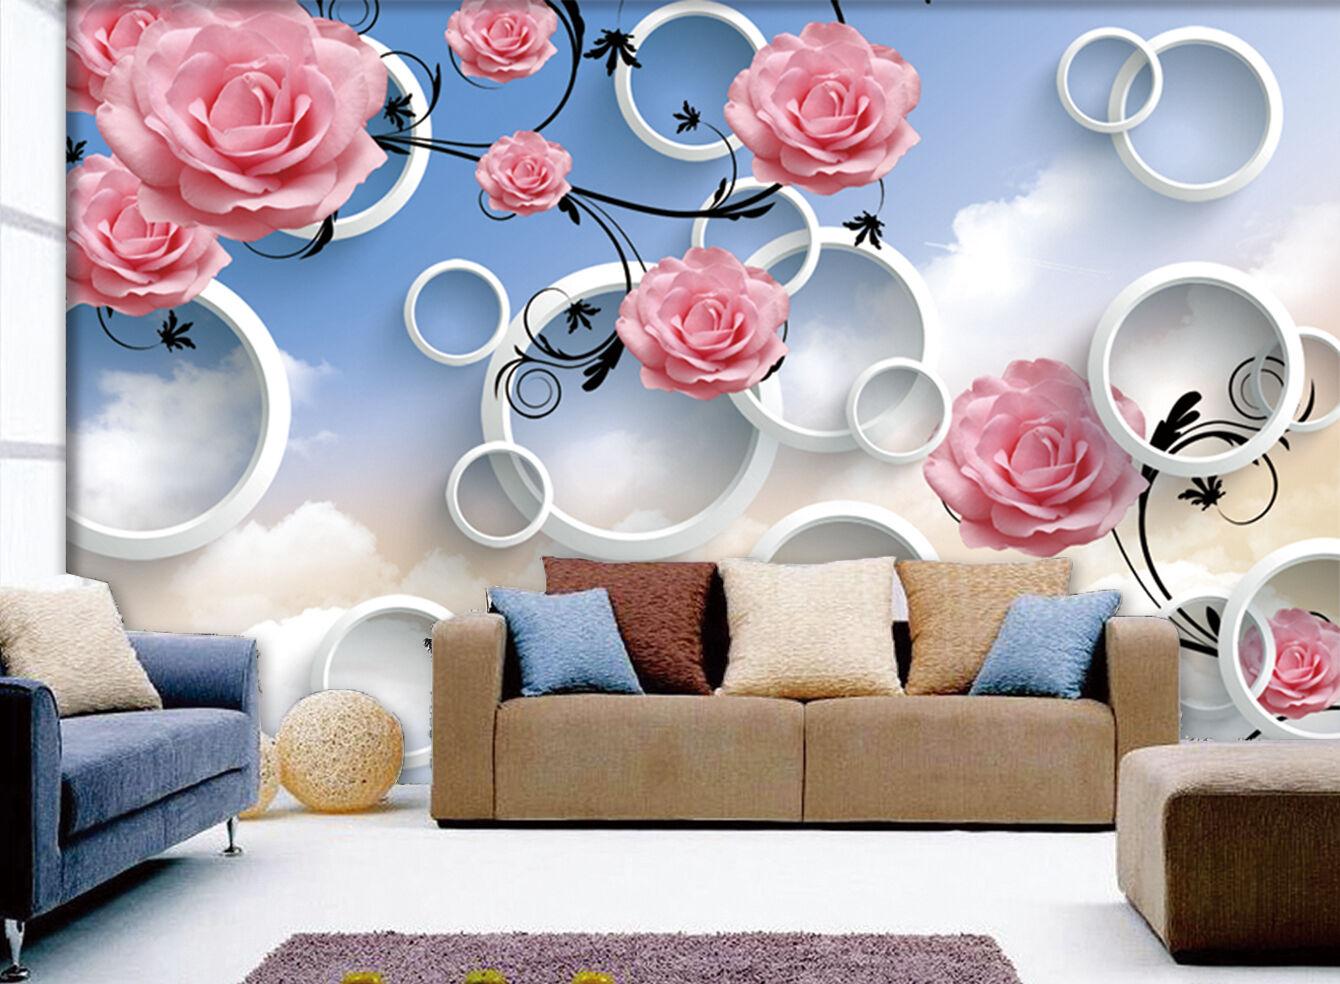 3D Fleurs Riches 12 Photo Papier Peint en Autocollant Murale Plafond Chambre Art